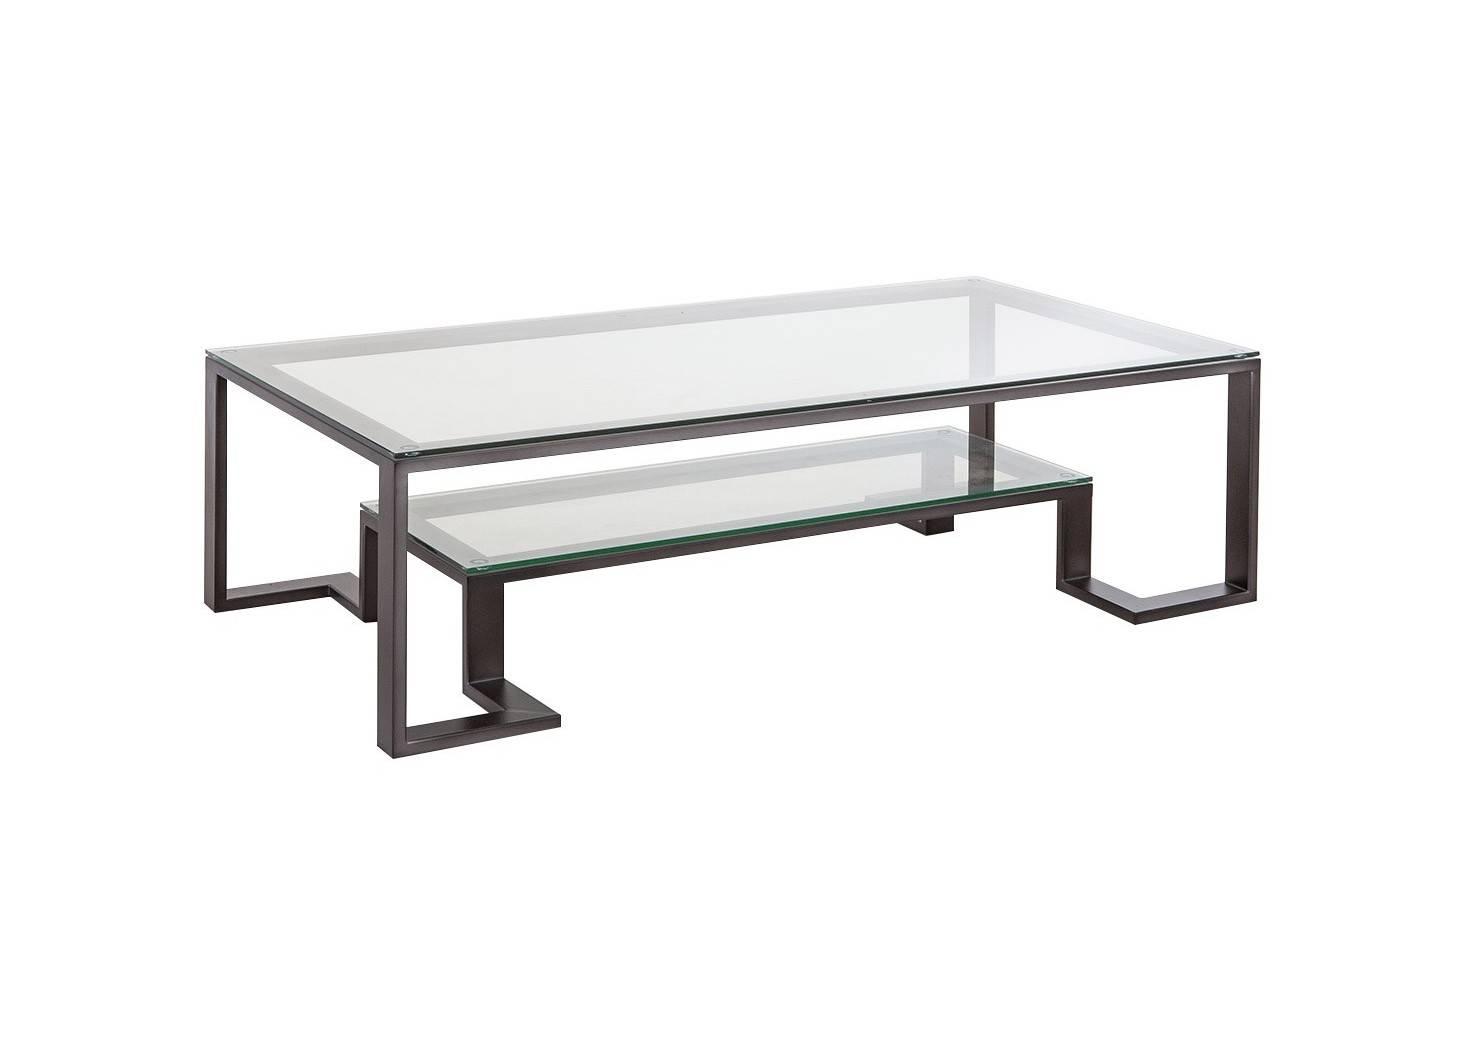 Table basse Roberto rectangulaire en verre